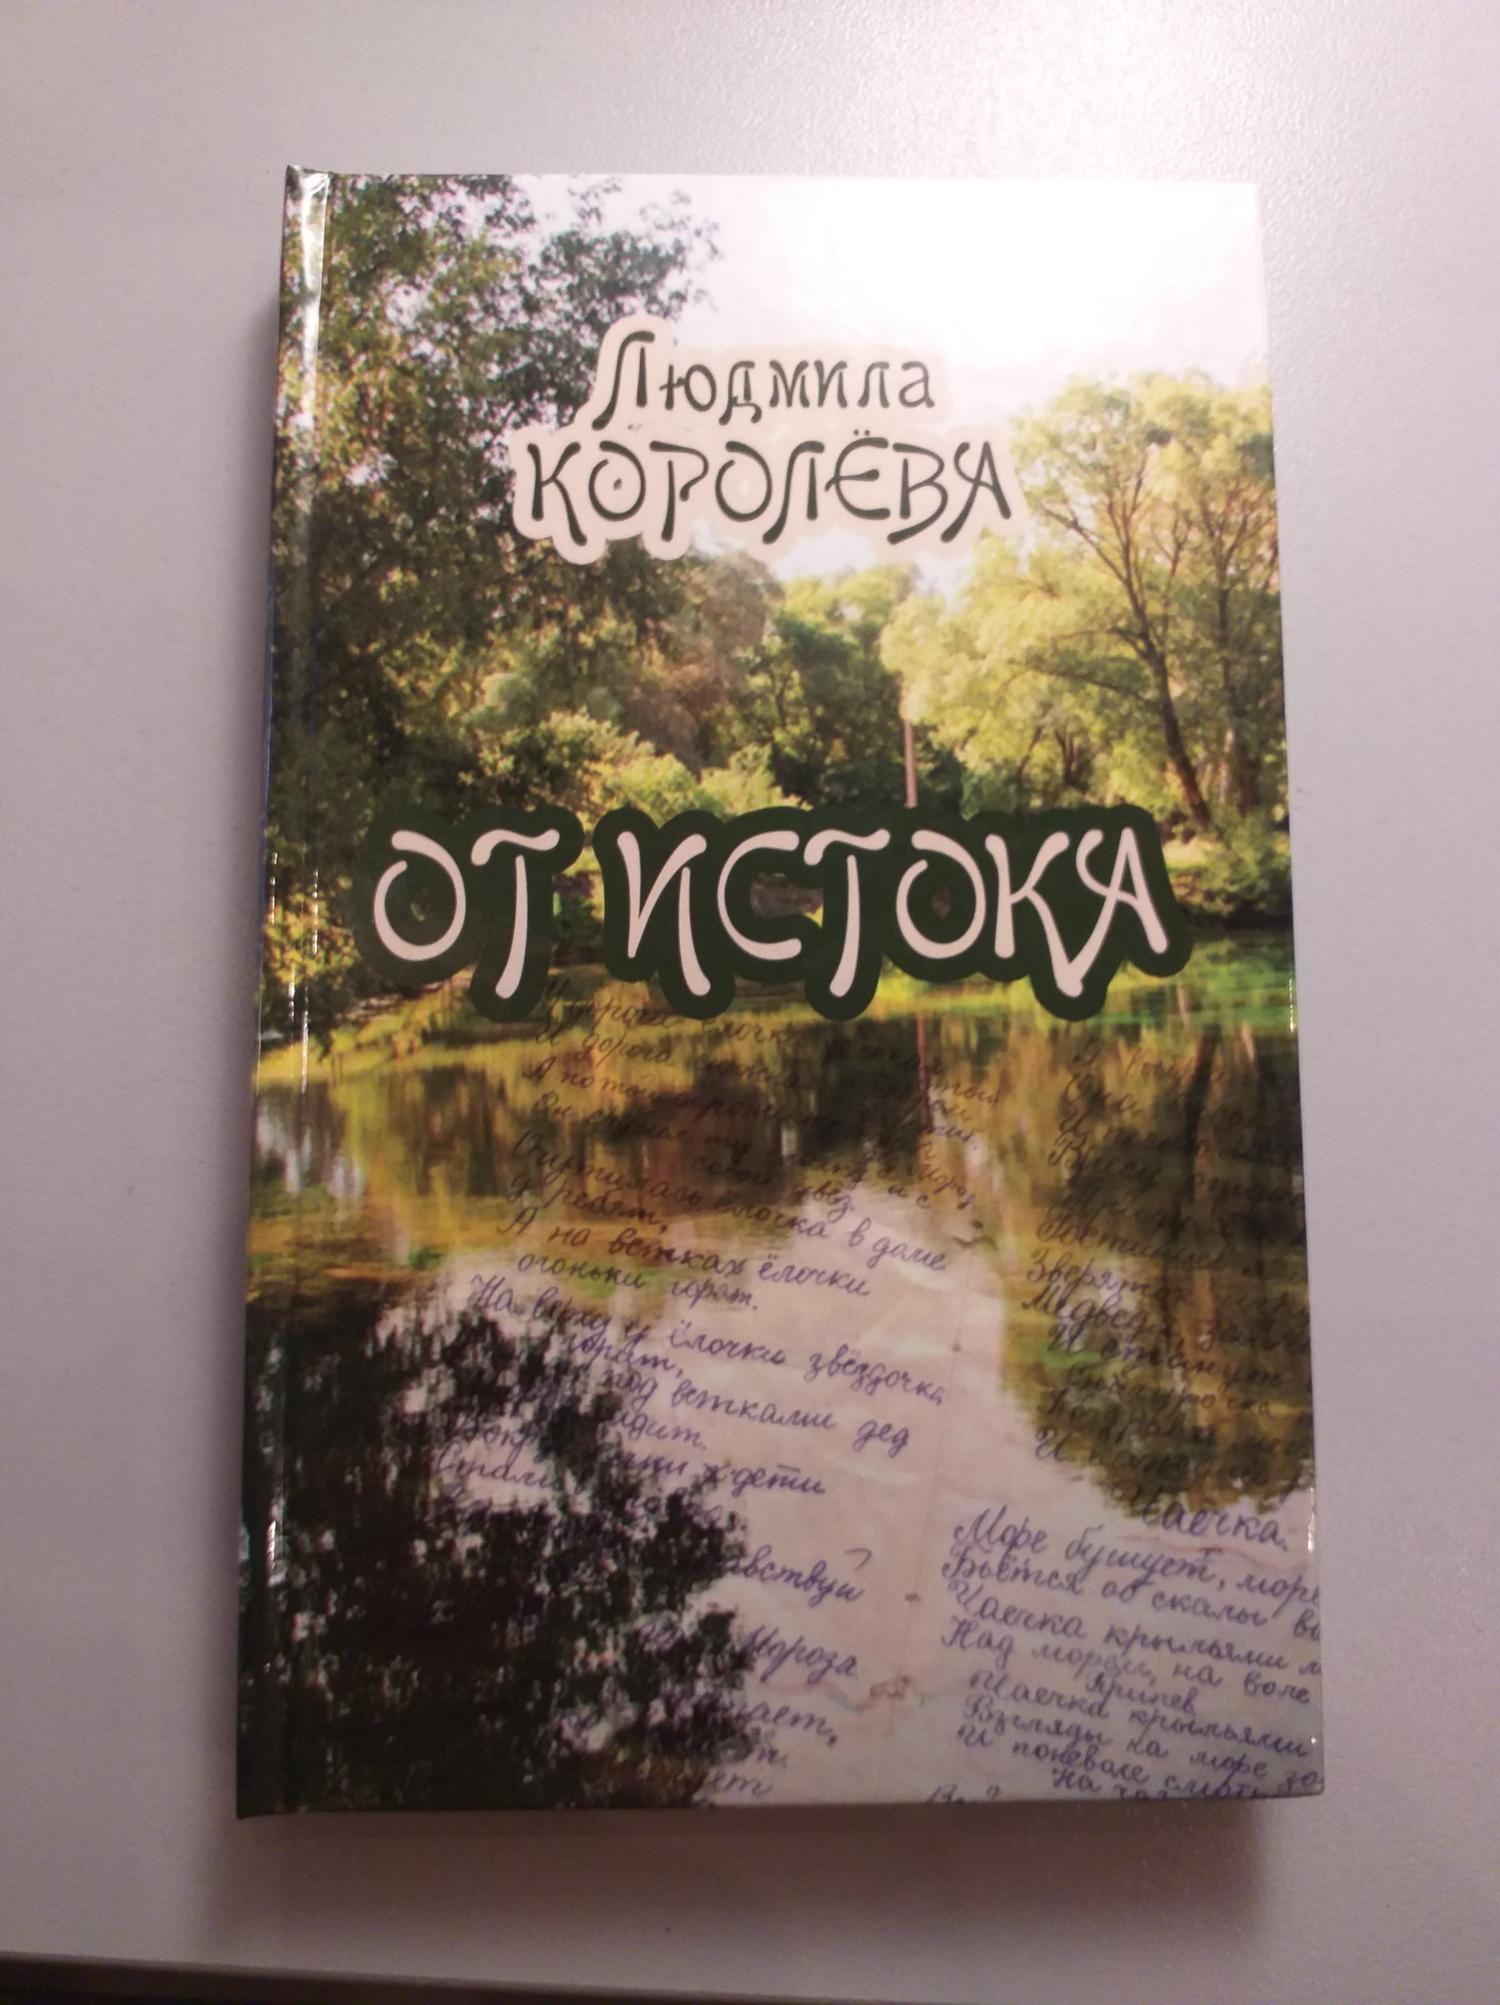 Вечер поэзии - библиотека мкрн.Луговая-2